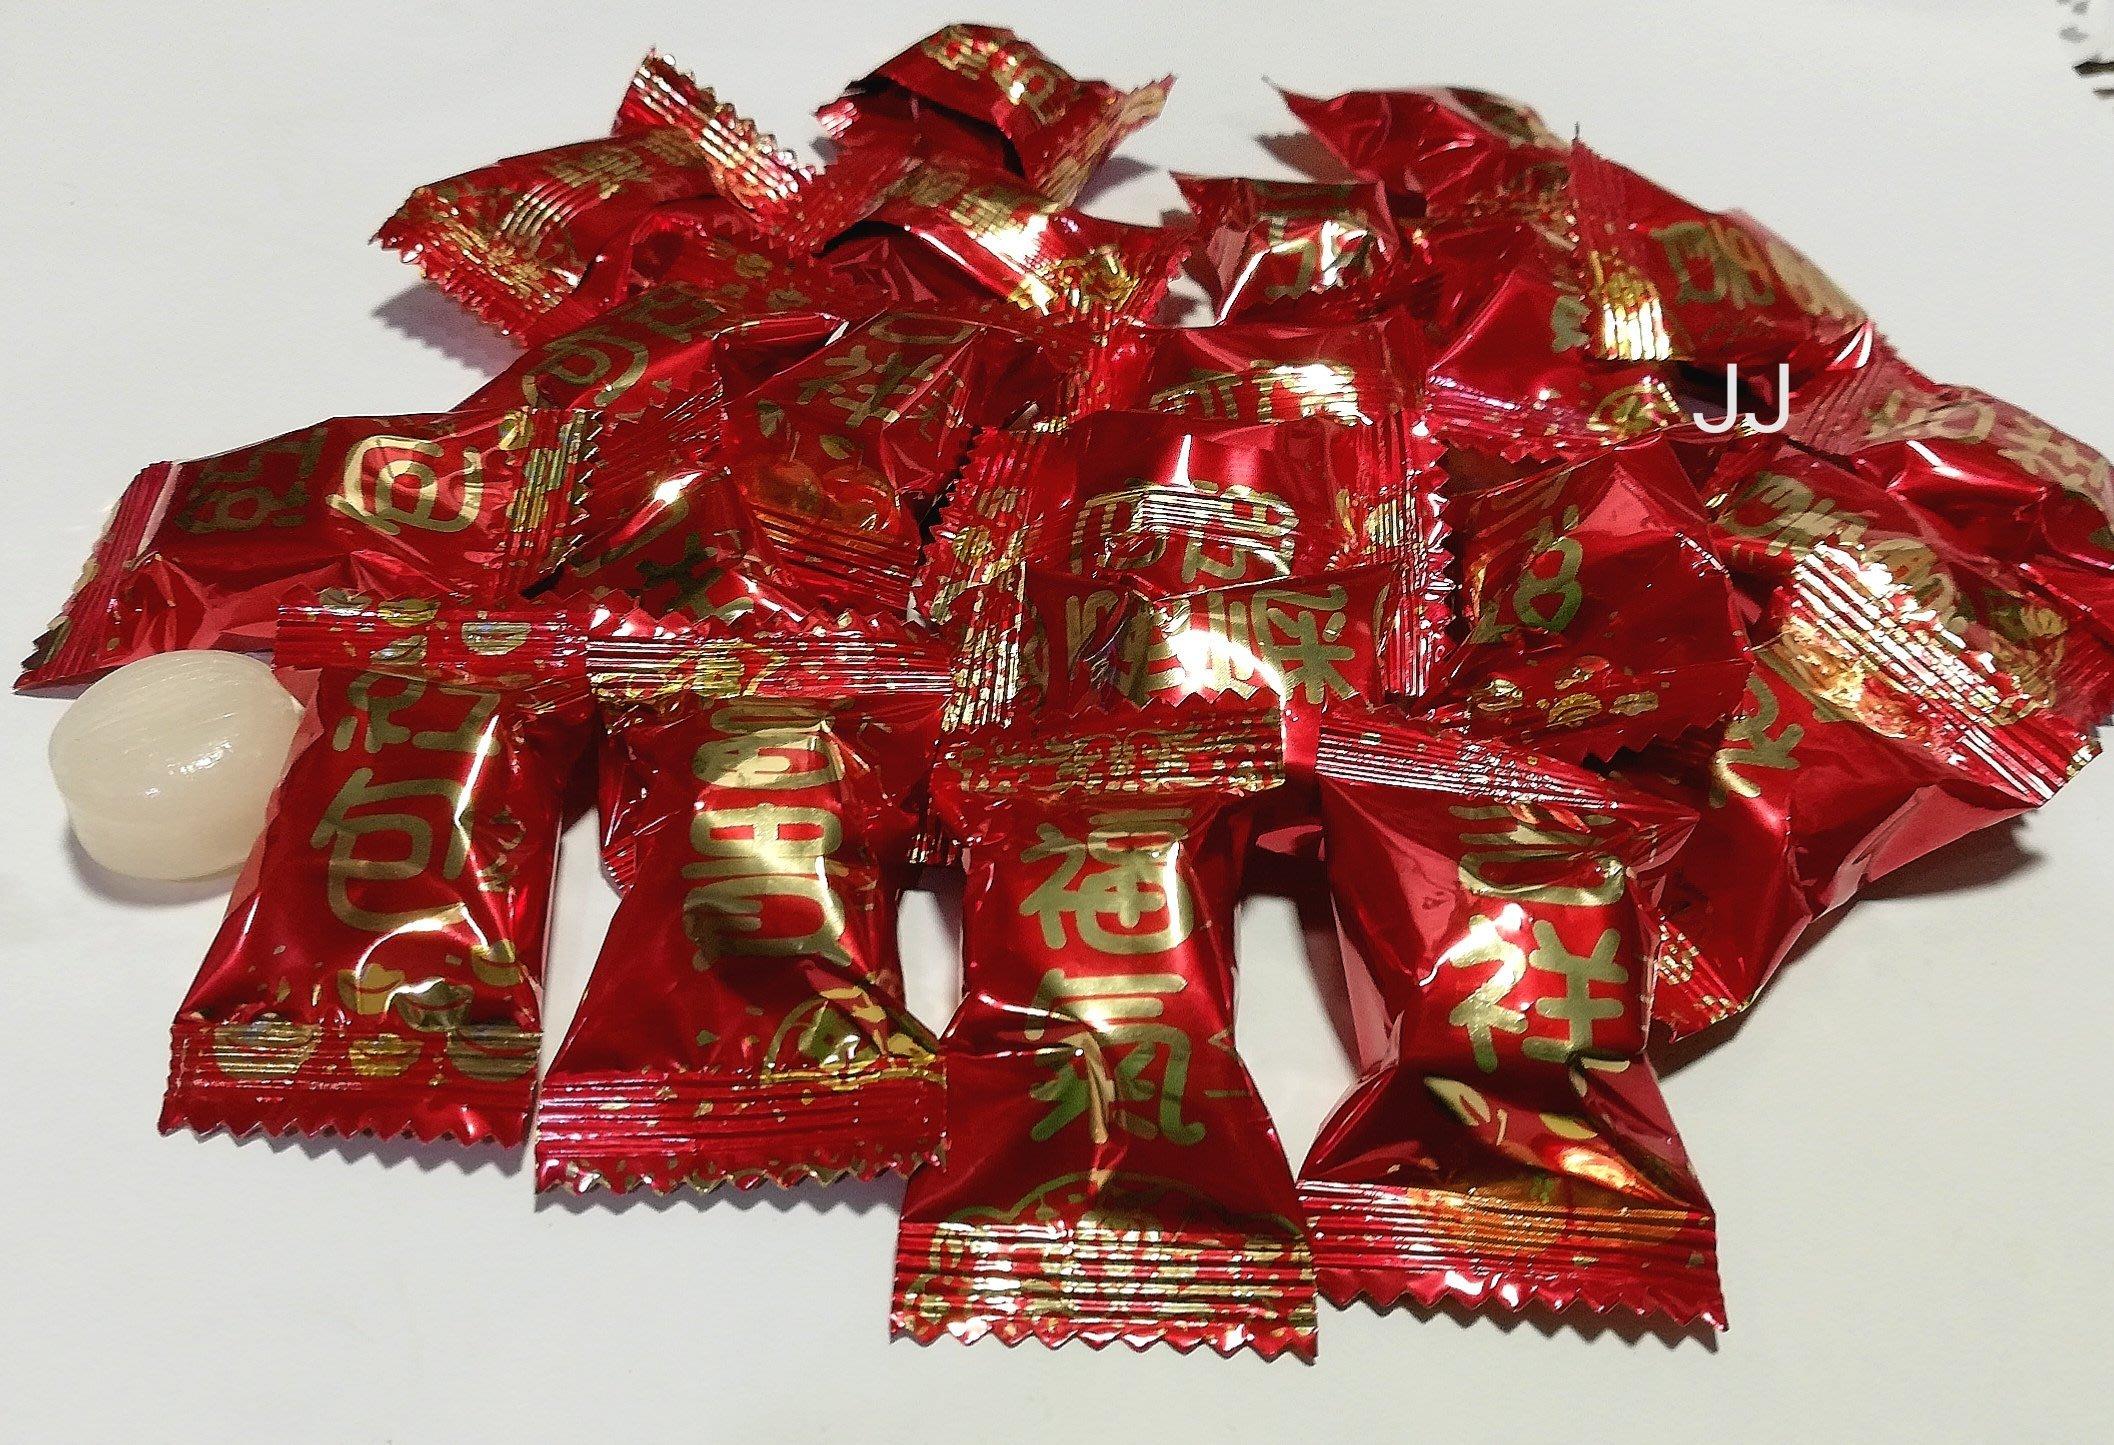 紅包糖-吉祥福氣硬糖果 喜糖-彩券 節慶-台灣製造 1公斤裝 批發糖果團購